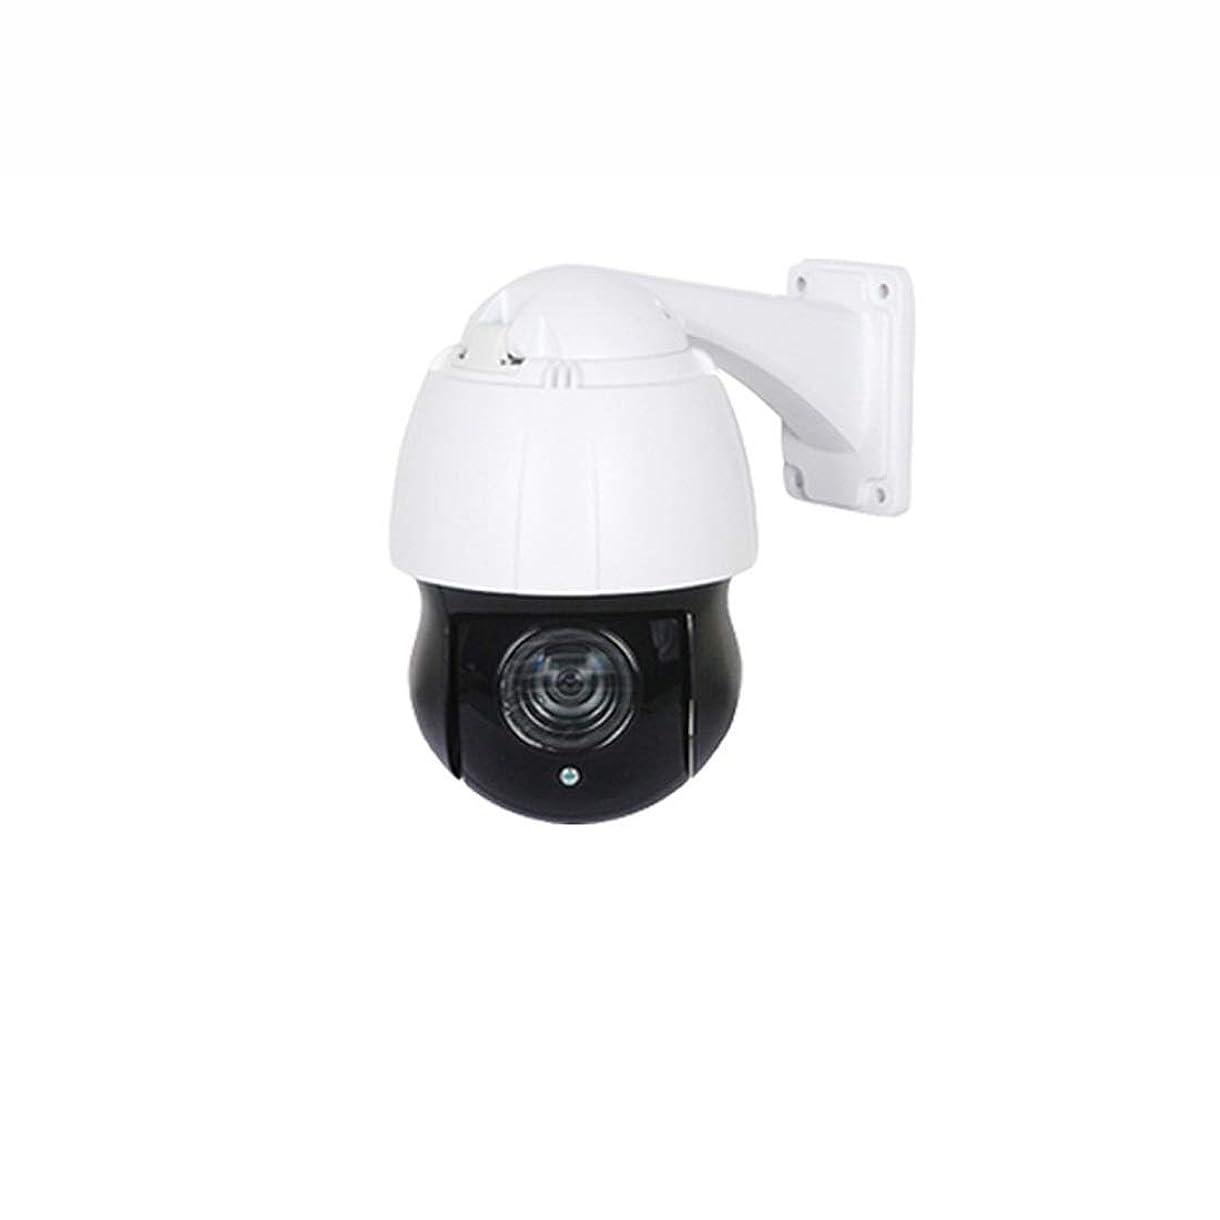 ジャンプ余暇塗抹YIJUPIN 1080 P屋外ワイヤレスwifiカメラパノラマ360度HDナイトビジョンカメラ (色 : ホワイト)